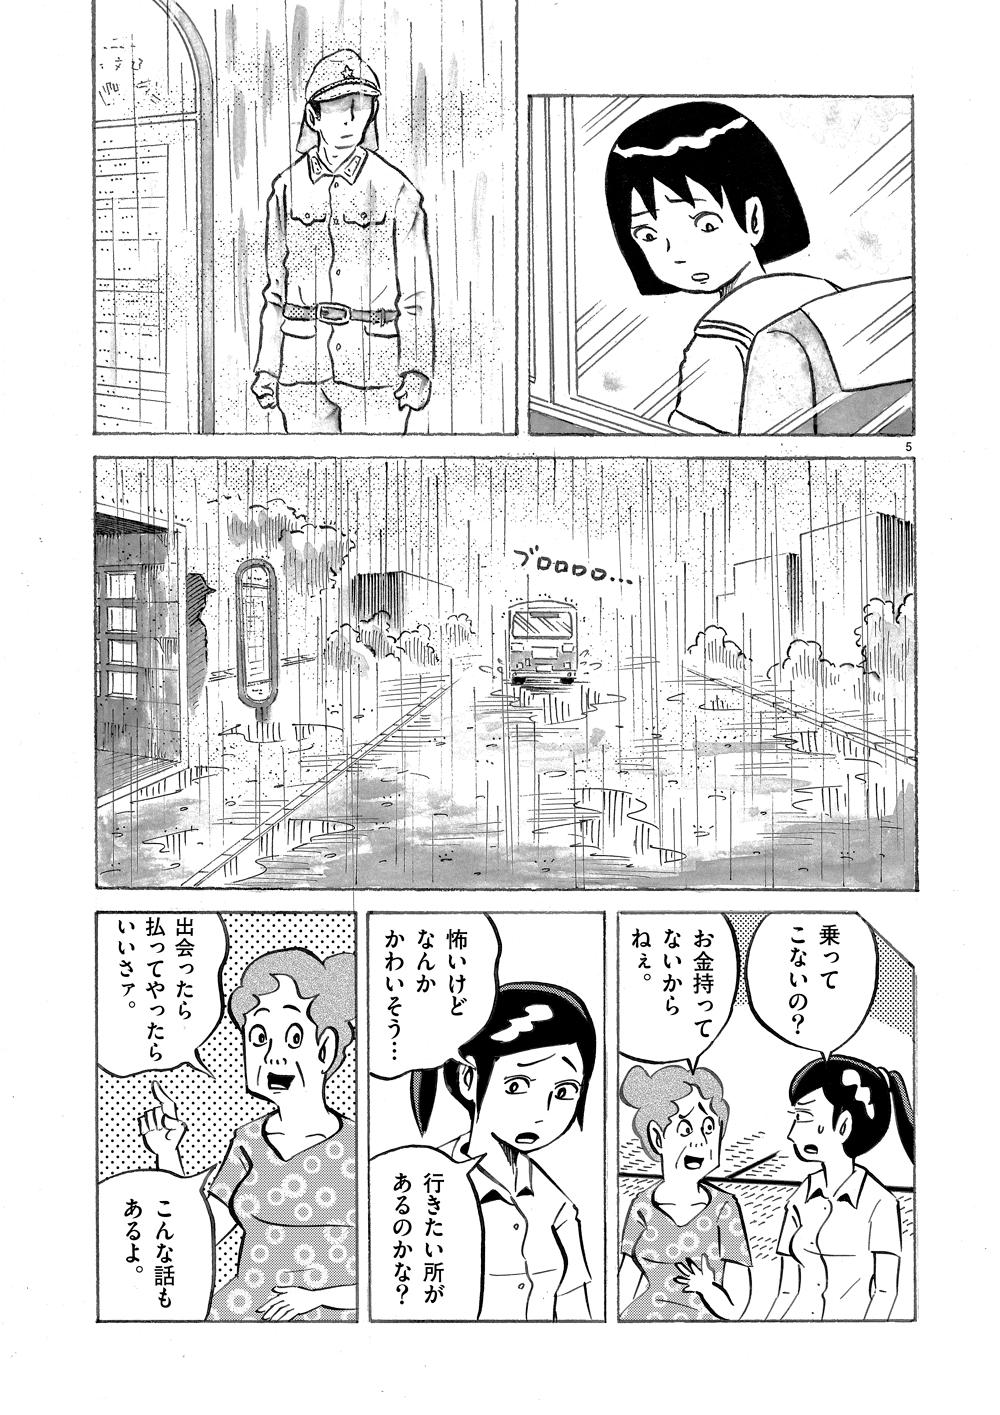 琉球怪談 【第9話】WEB掲載5ページ目画像